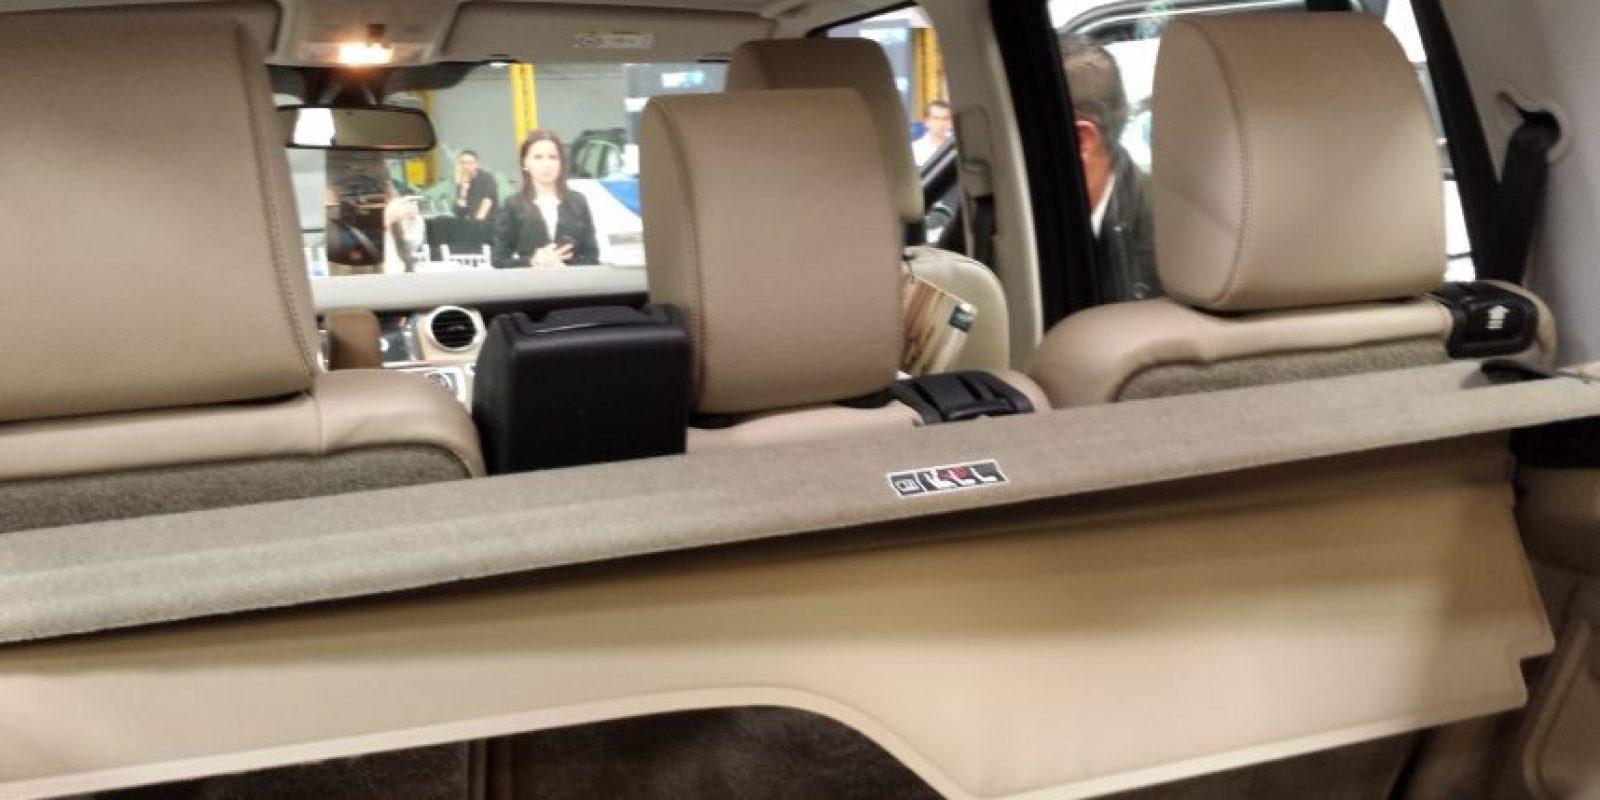 El interior es rearmado y no muestra diferencias estéticas con el de un vehículo de línea. Foto:Juan Manuel Reyes – Publimetro